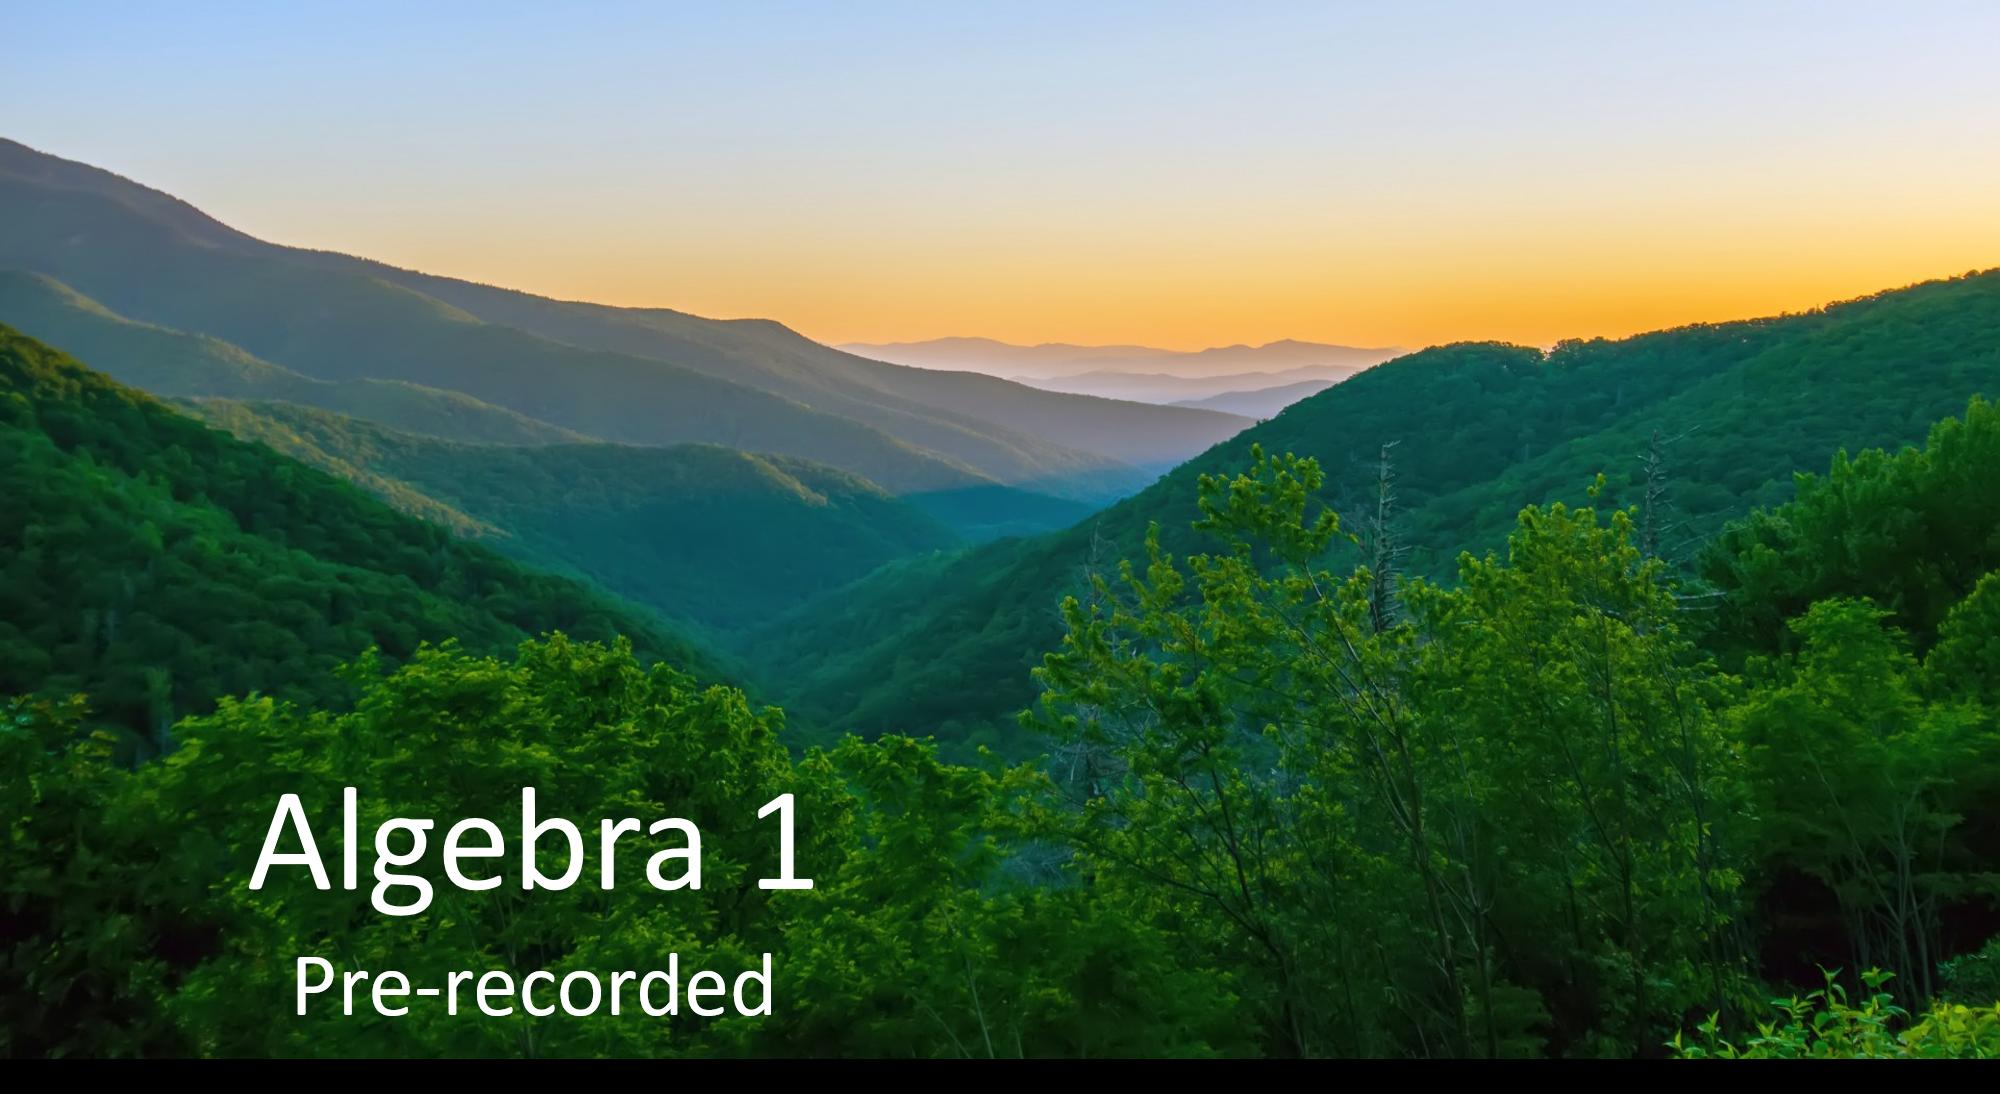 Algebra 1 (Pre-recorded)